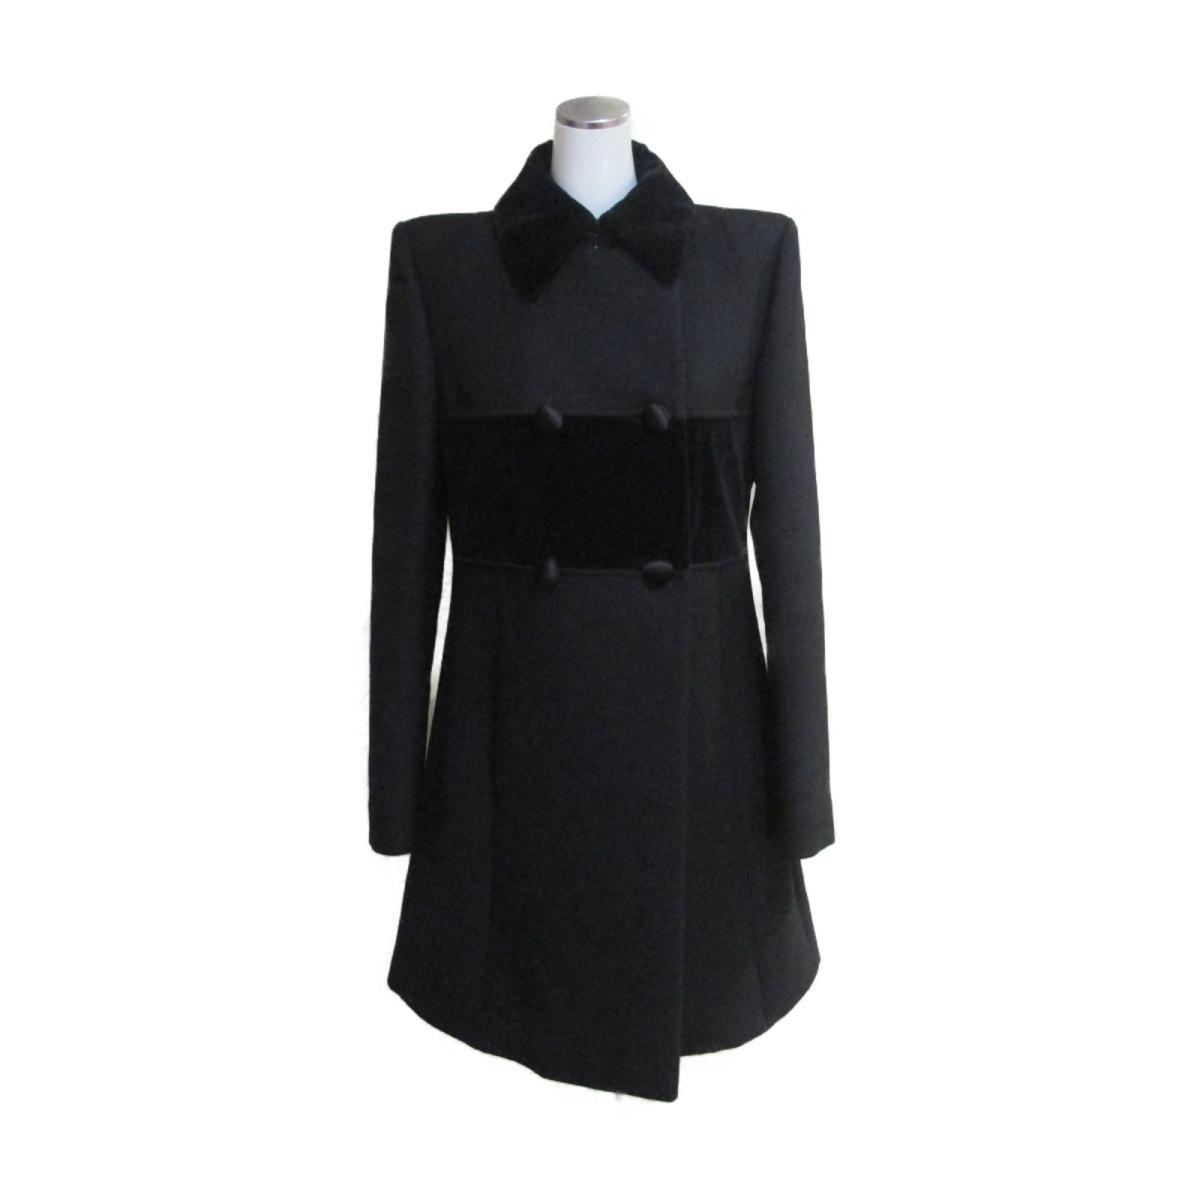 【中古】 サン・ローラン 2016 コート レディース 99%ウール 1%シルク 部分使い:100%コットン ブラック   SAINT LAURENT BRANDOFF ブランドオフ 衣料品 衣類 ブランド アウター ジャケット